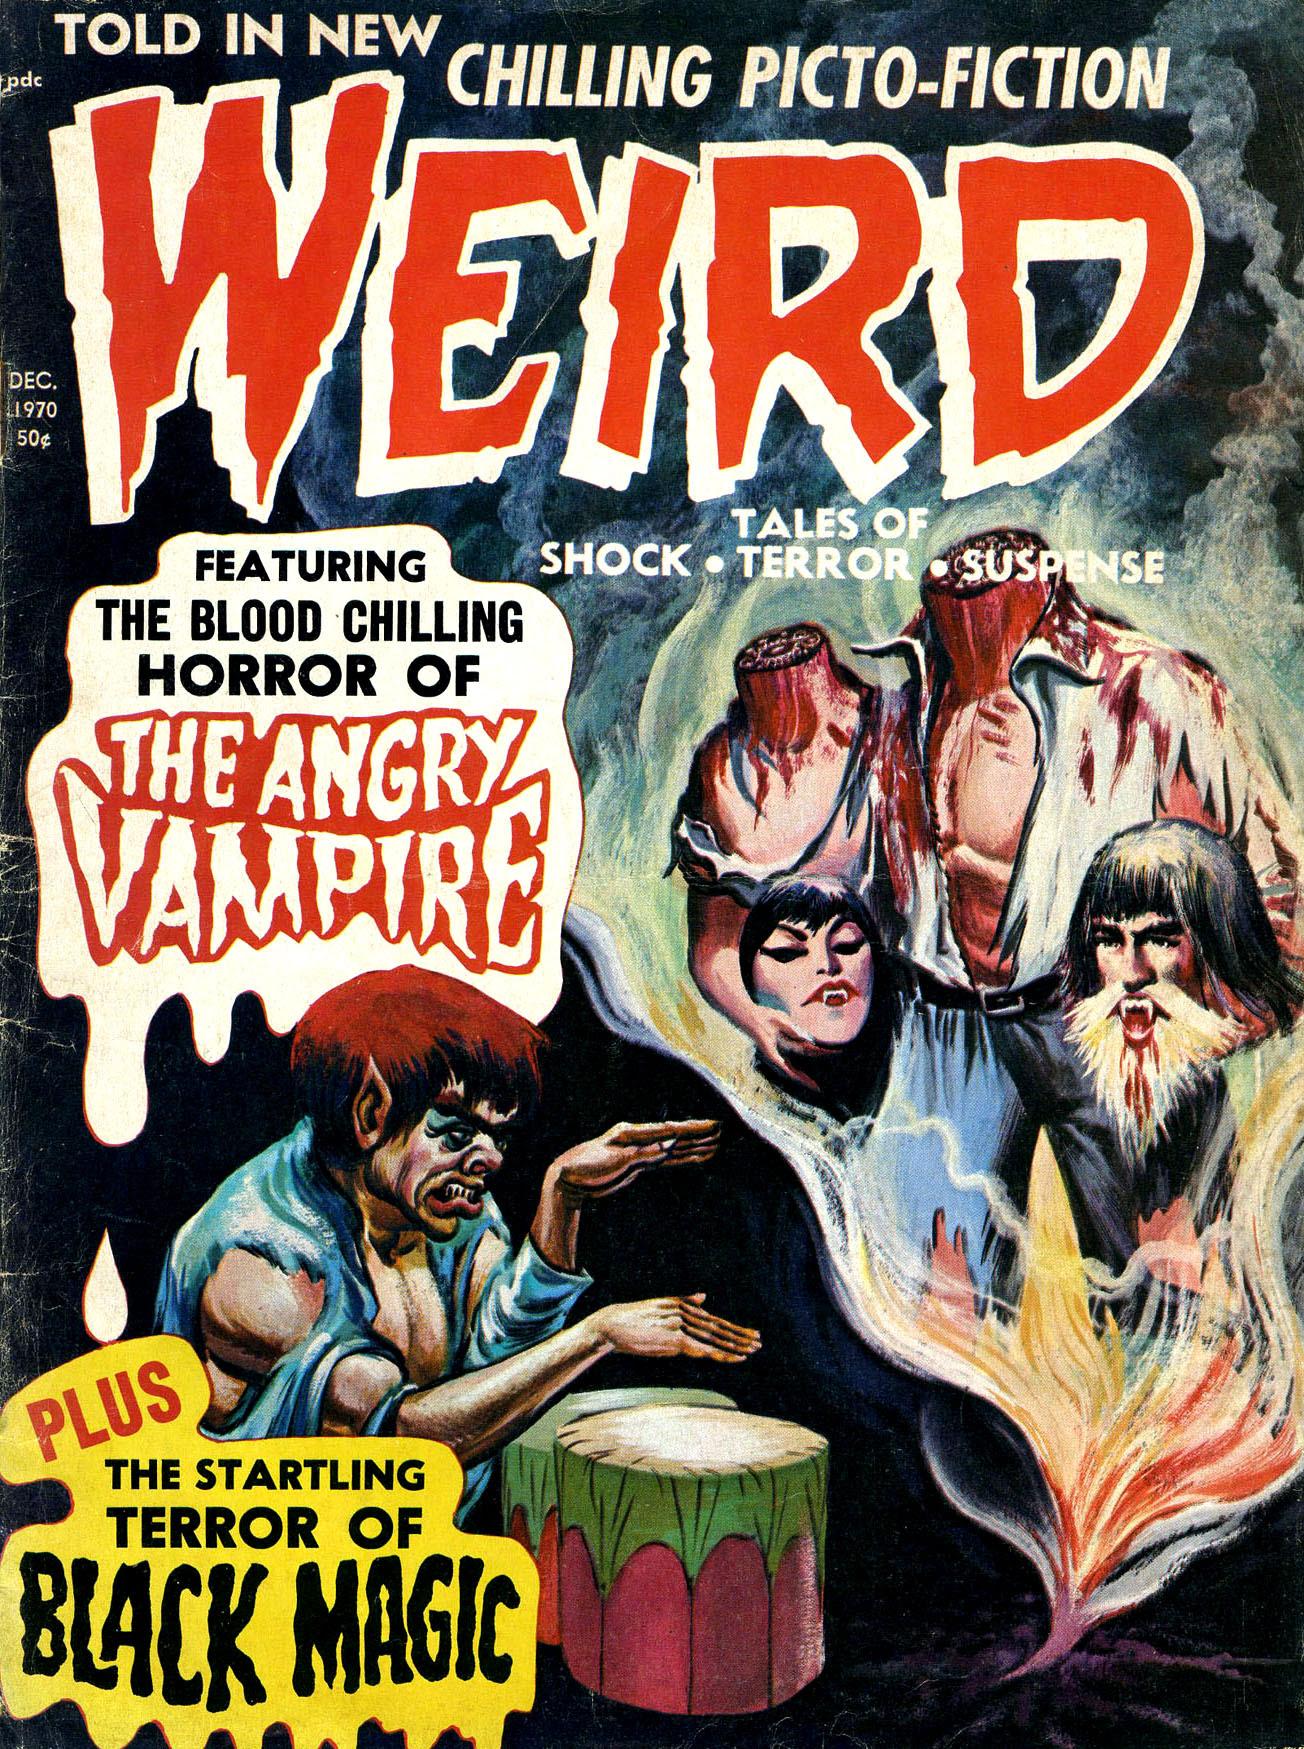 Weird Vol. 04 #6 (Eerie Publications, 1970)